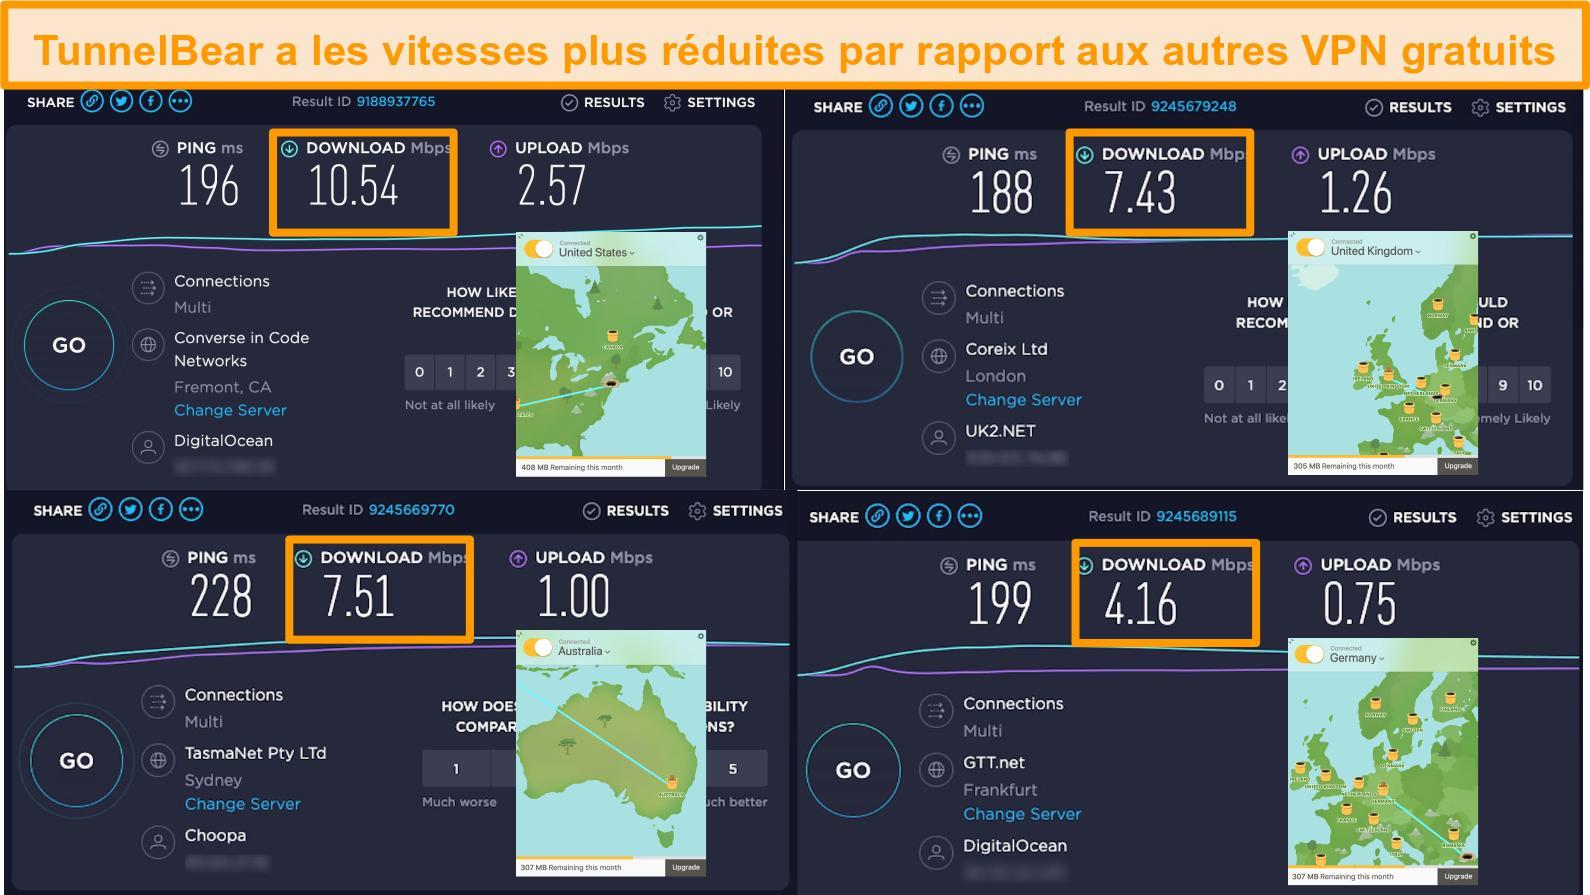 Capture d'écran des serveurs de TunnelBear en Allemagne, au Royaume-Uni, aux États-Unis et en Australie et résultats des tests de vitesse